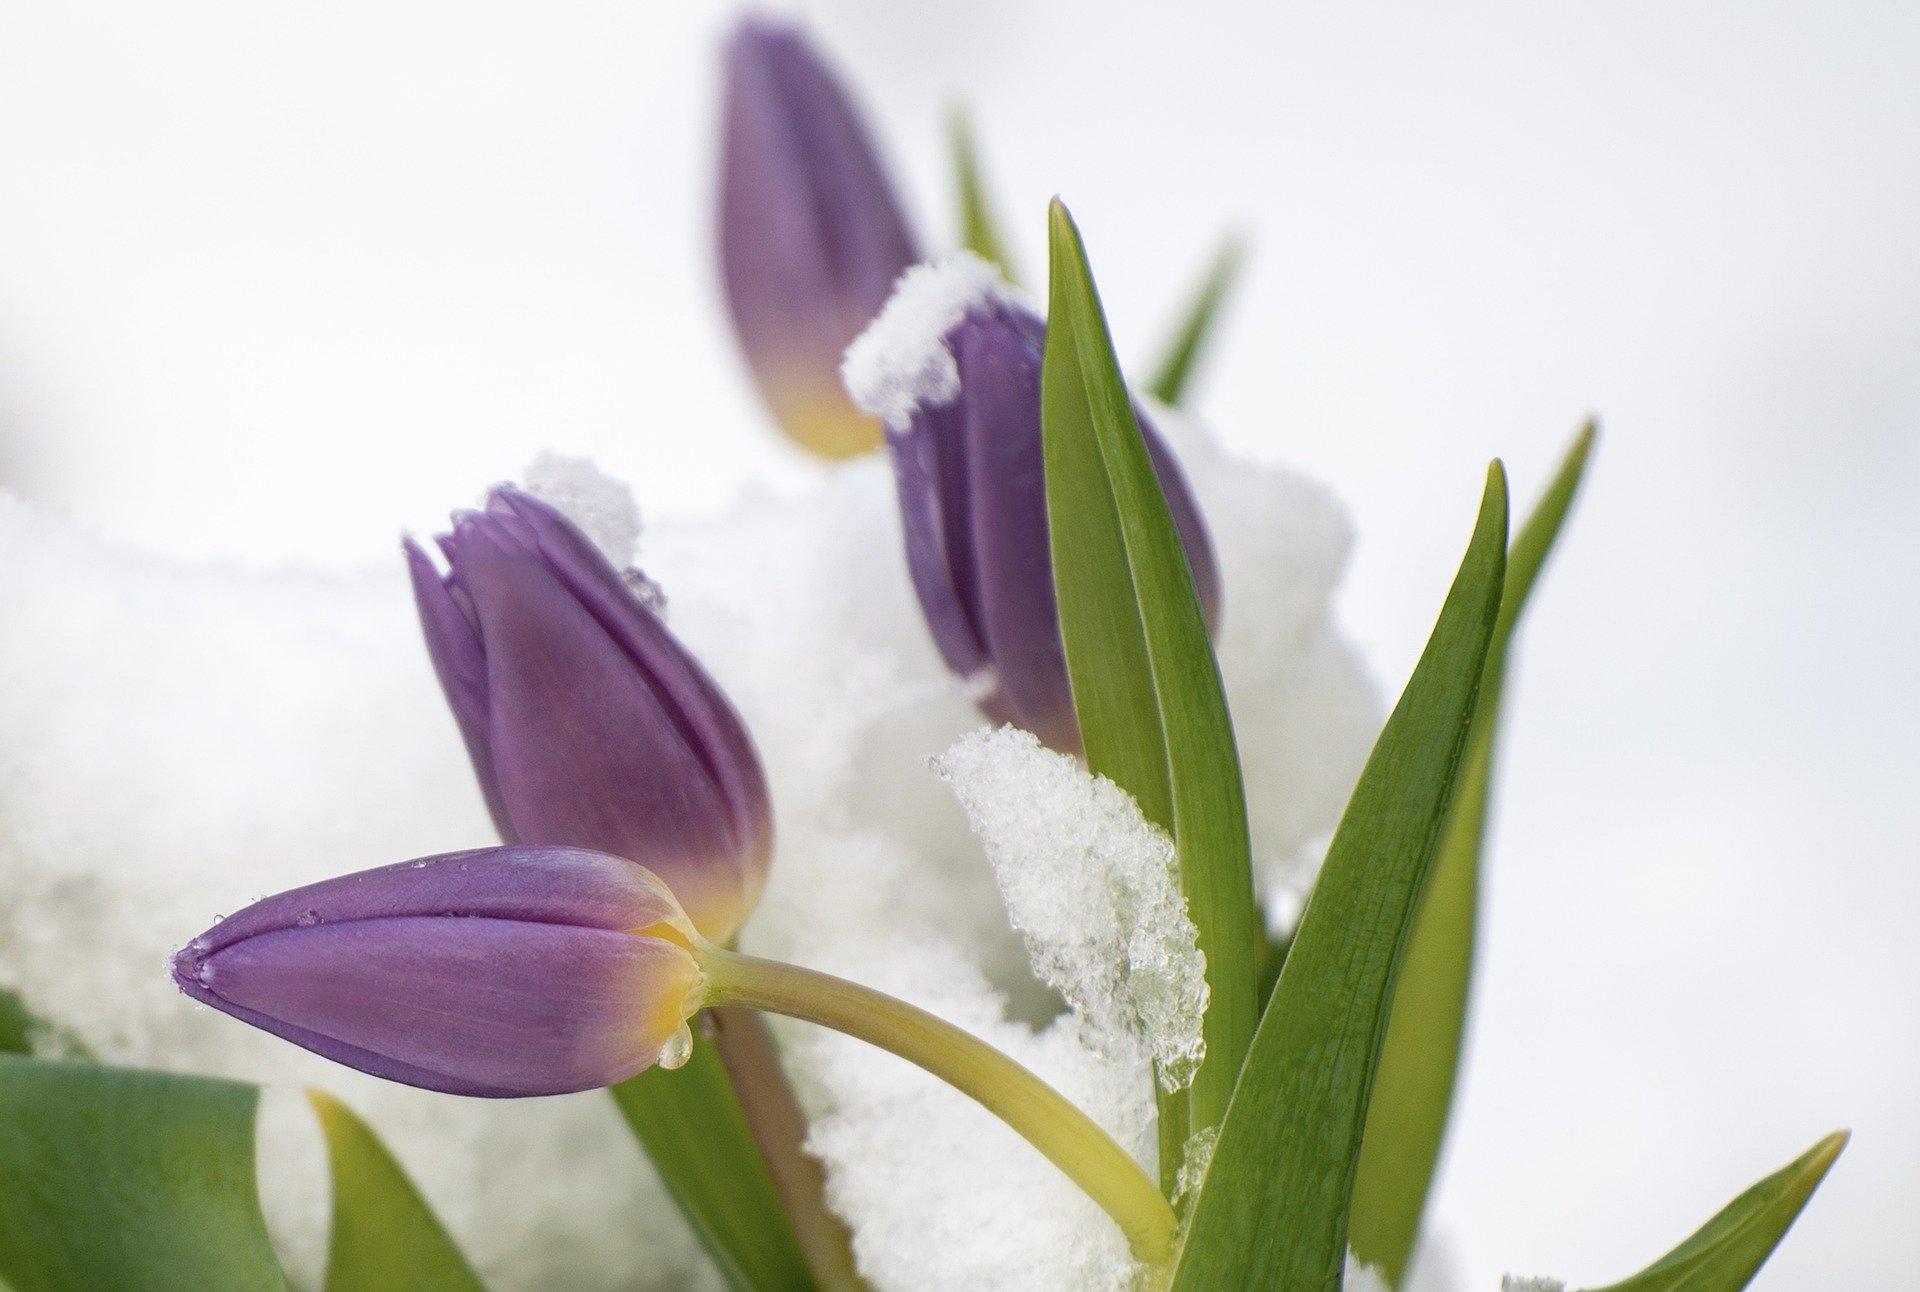 Aranżacja ogrodu, planowanie, przygotowanie na wiosnę, czyli prace ogrodowe na całego